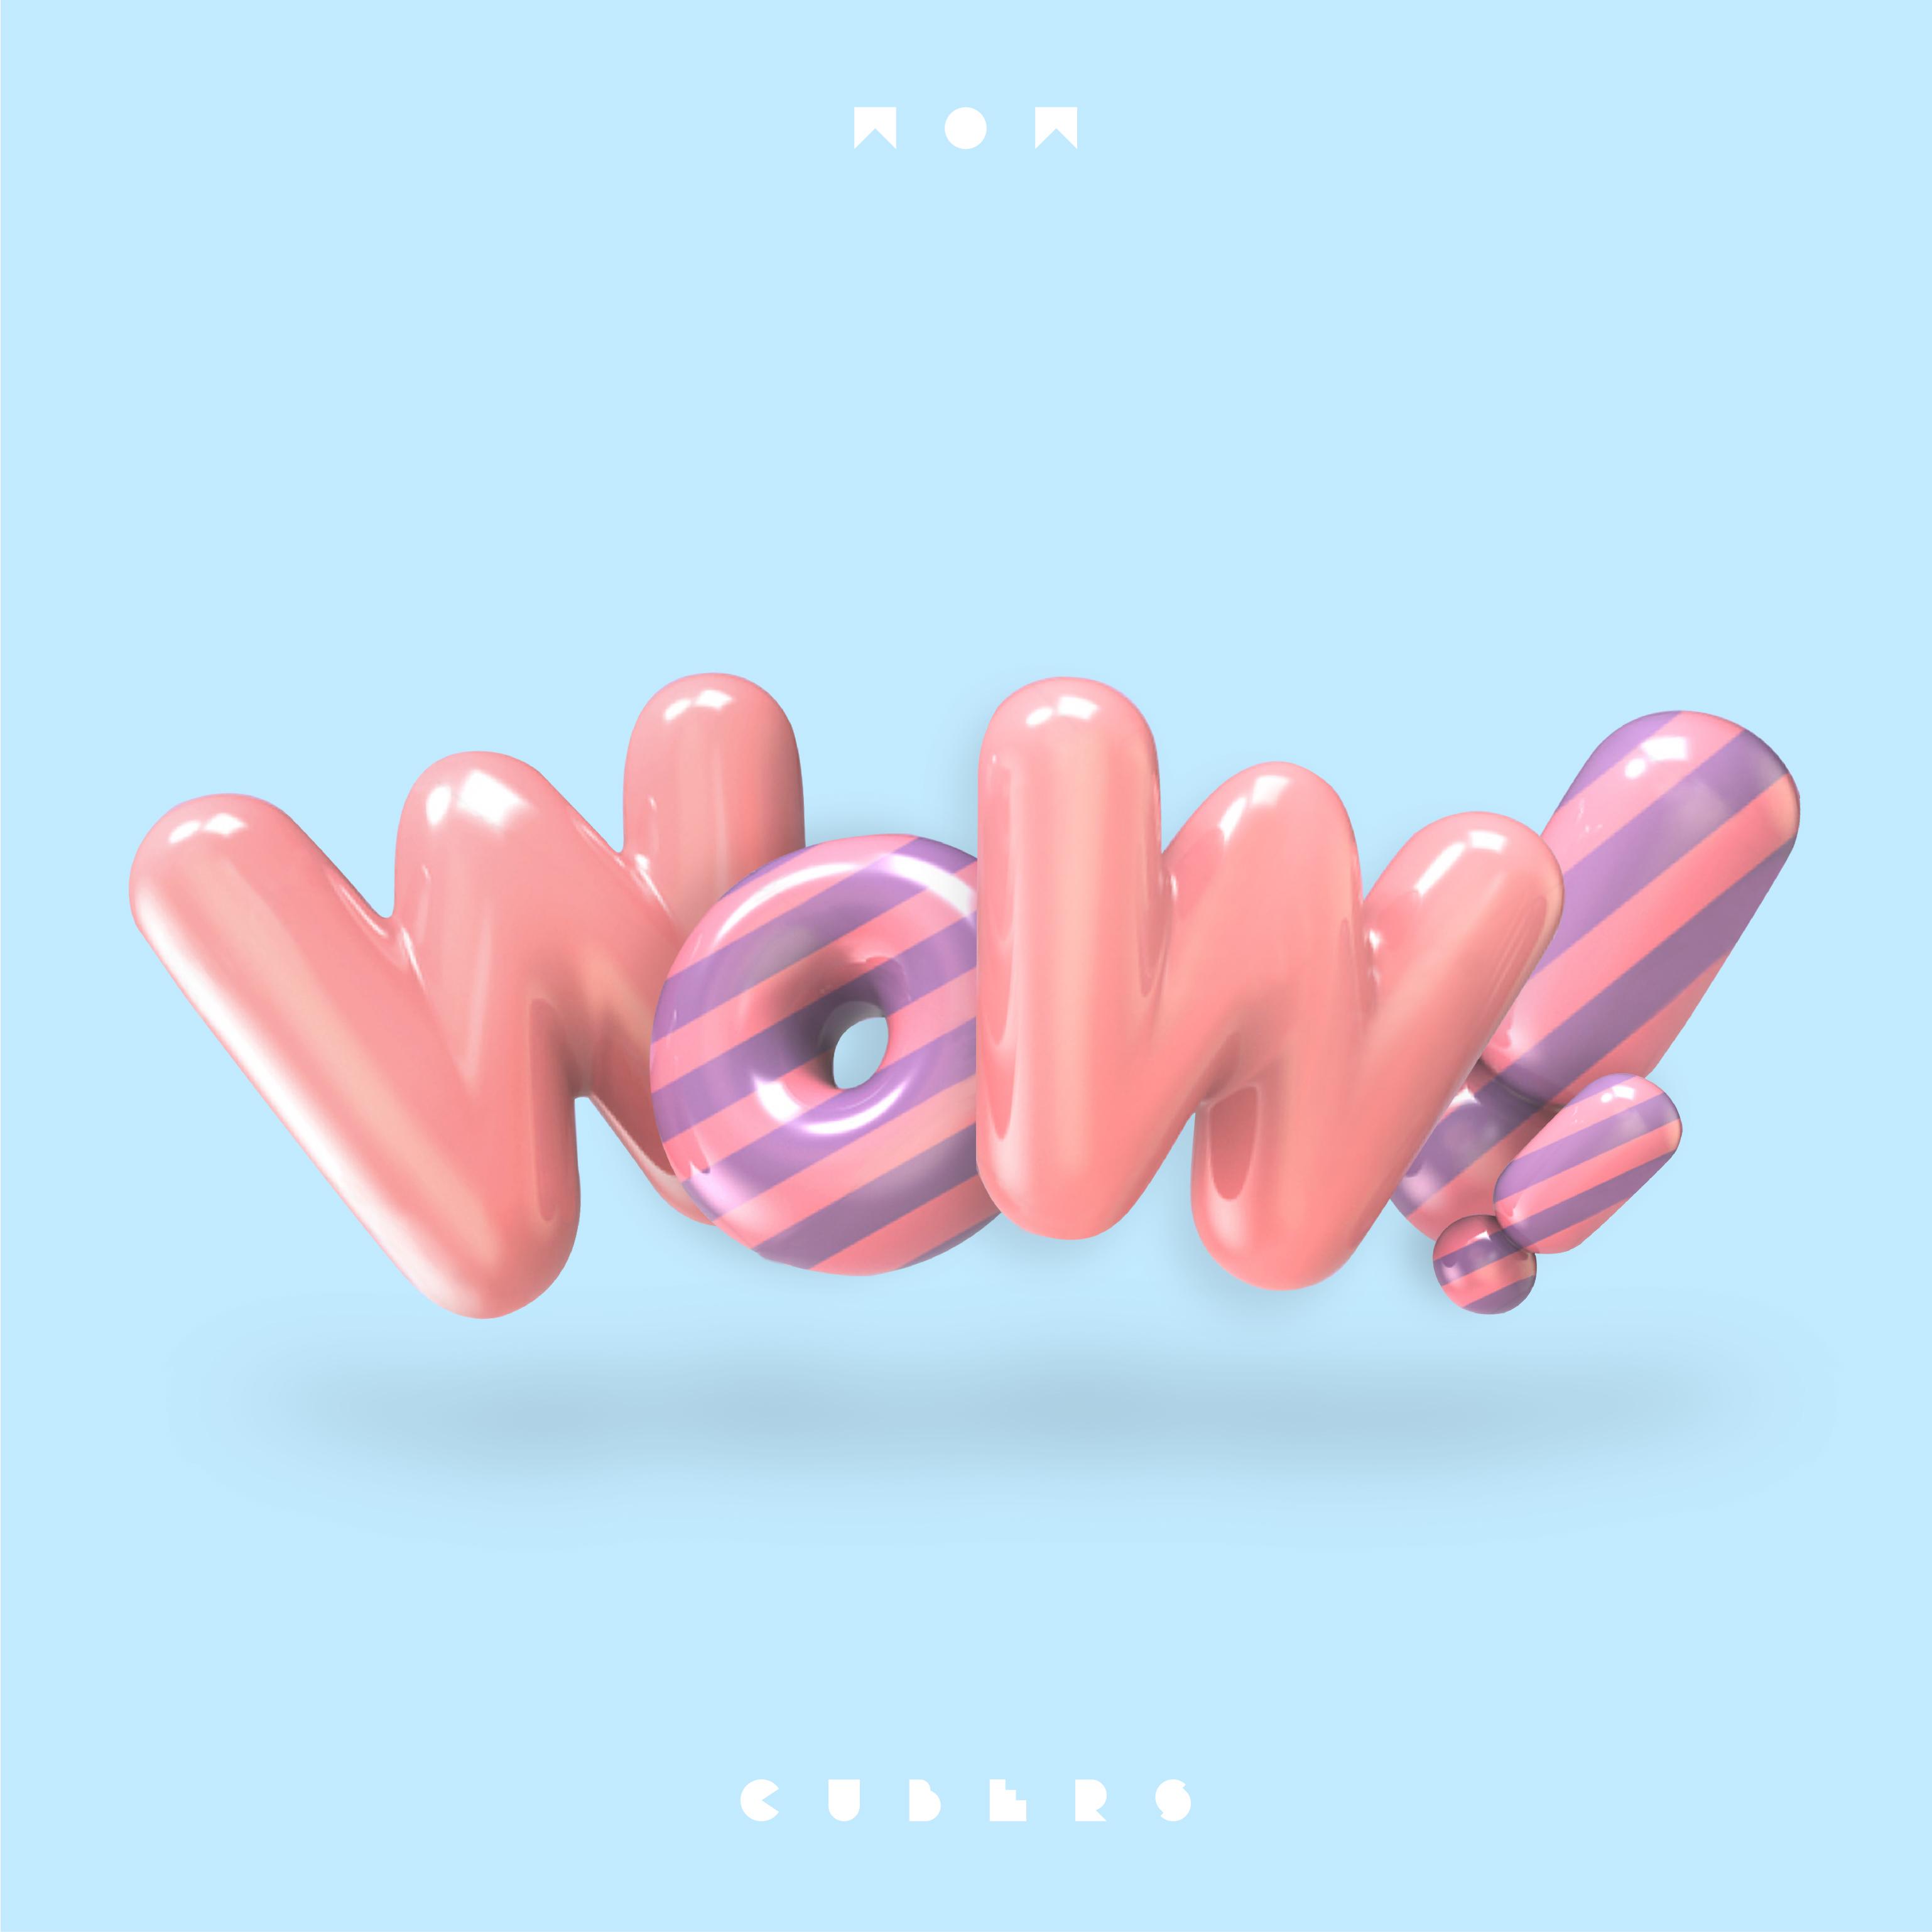 ★☆エムオンの番組「ZOOM UP!」にて「WOW」が3月度エンドトラックに決定!★☆